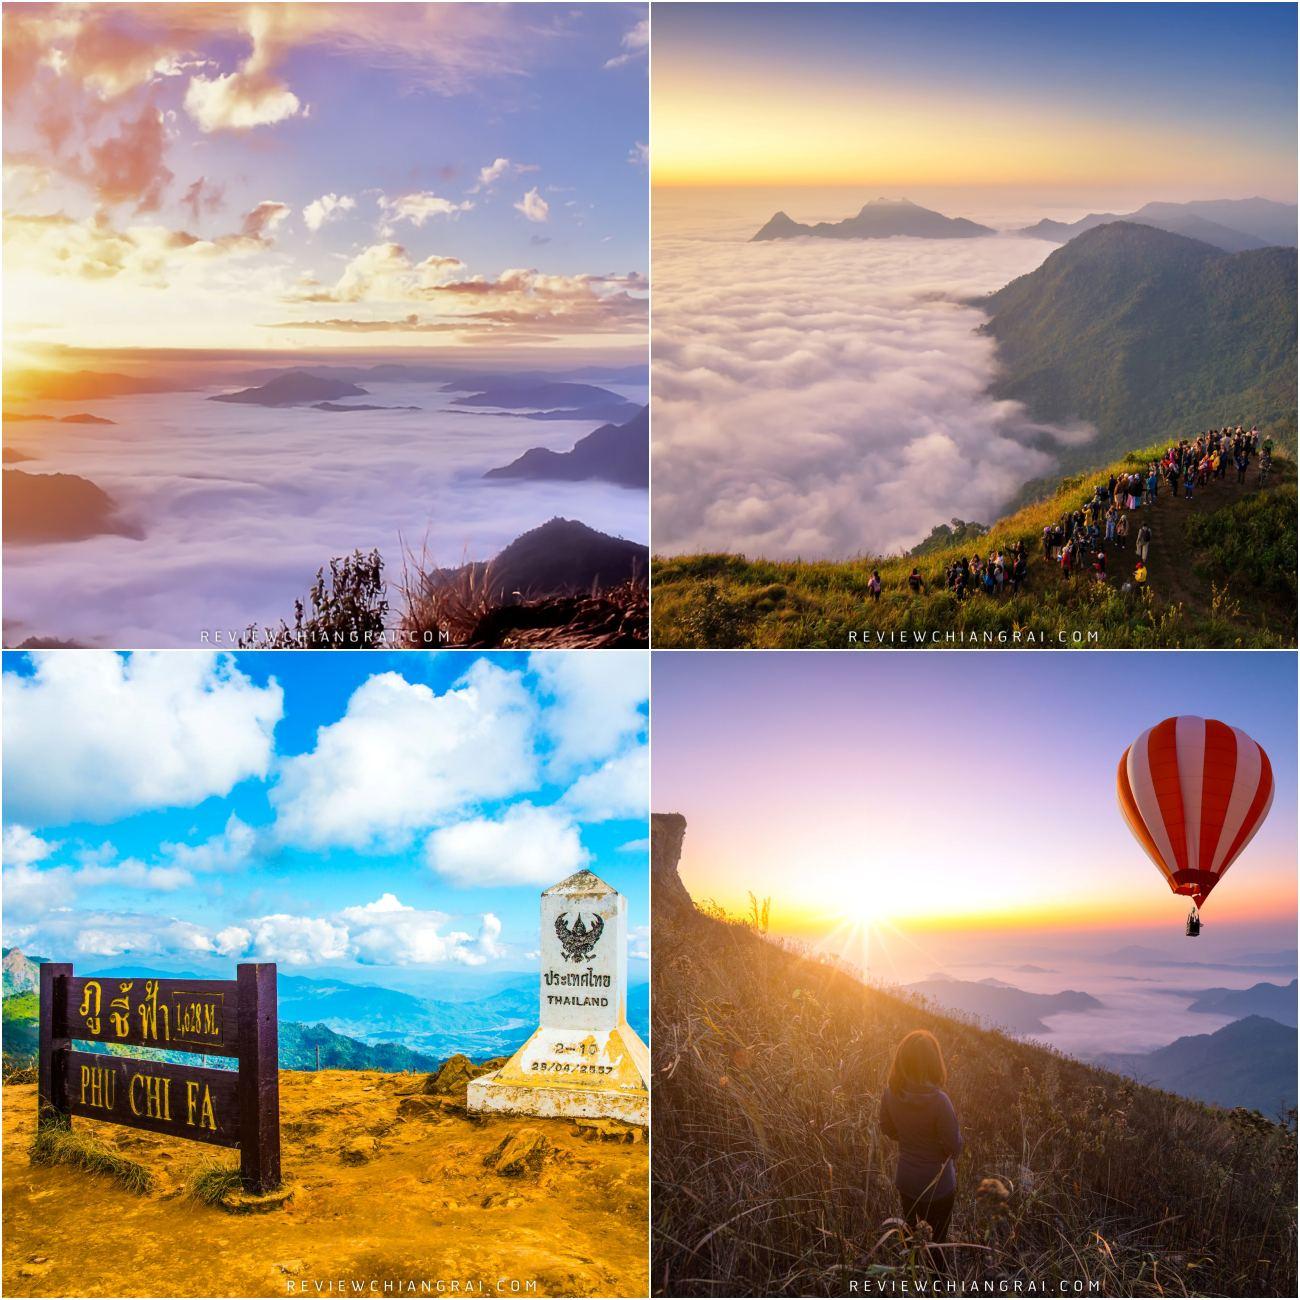 ภูชี้ฟ้า จุดชมทะเลหมอกที่มองได้สุดสายตาของเมืองเชียงรายที่มีทั้งวิวอันสวยงามและบรรยากาศของธรรมชาติบริสุทธิ์